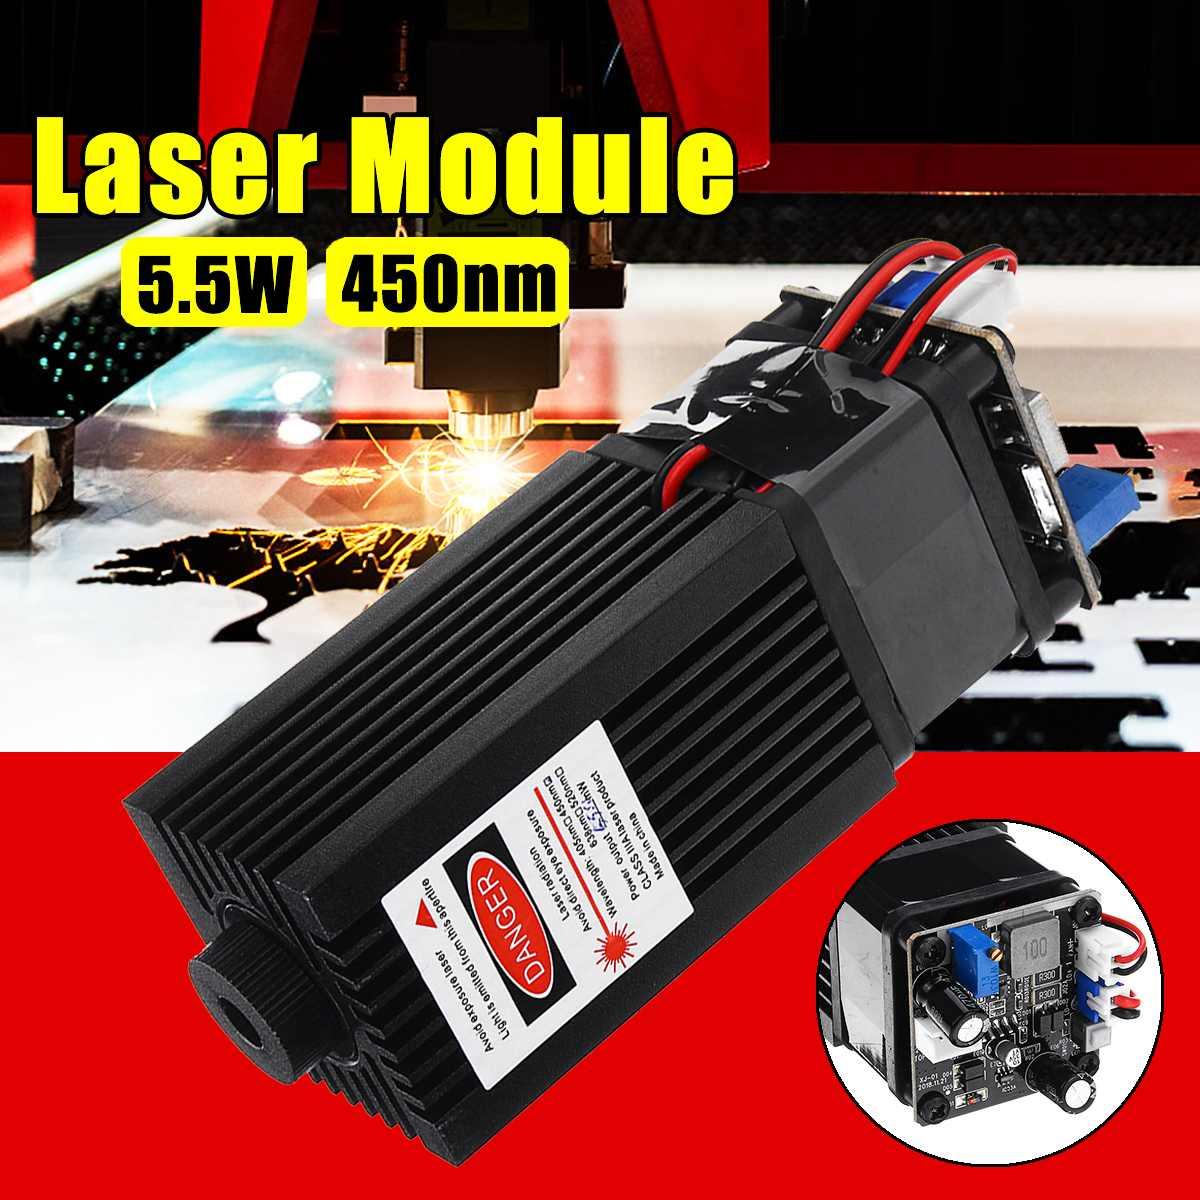 5500mW High  450NM Laser Module 5.5W Laser Engraving Machine Module Focusable TTL Modulation Engraving Tool Dropshipping